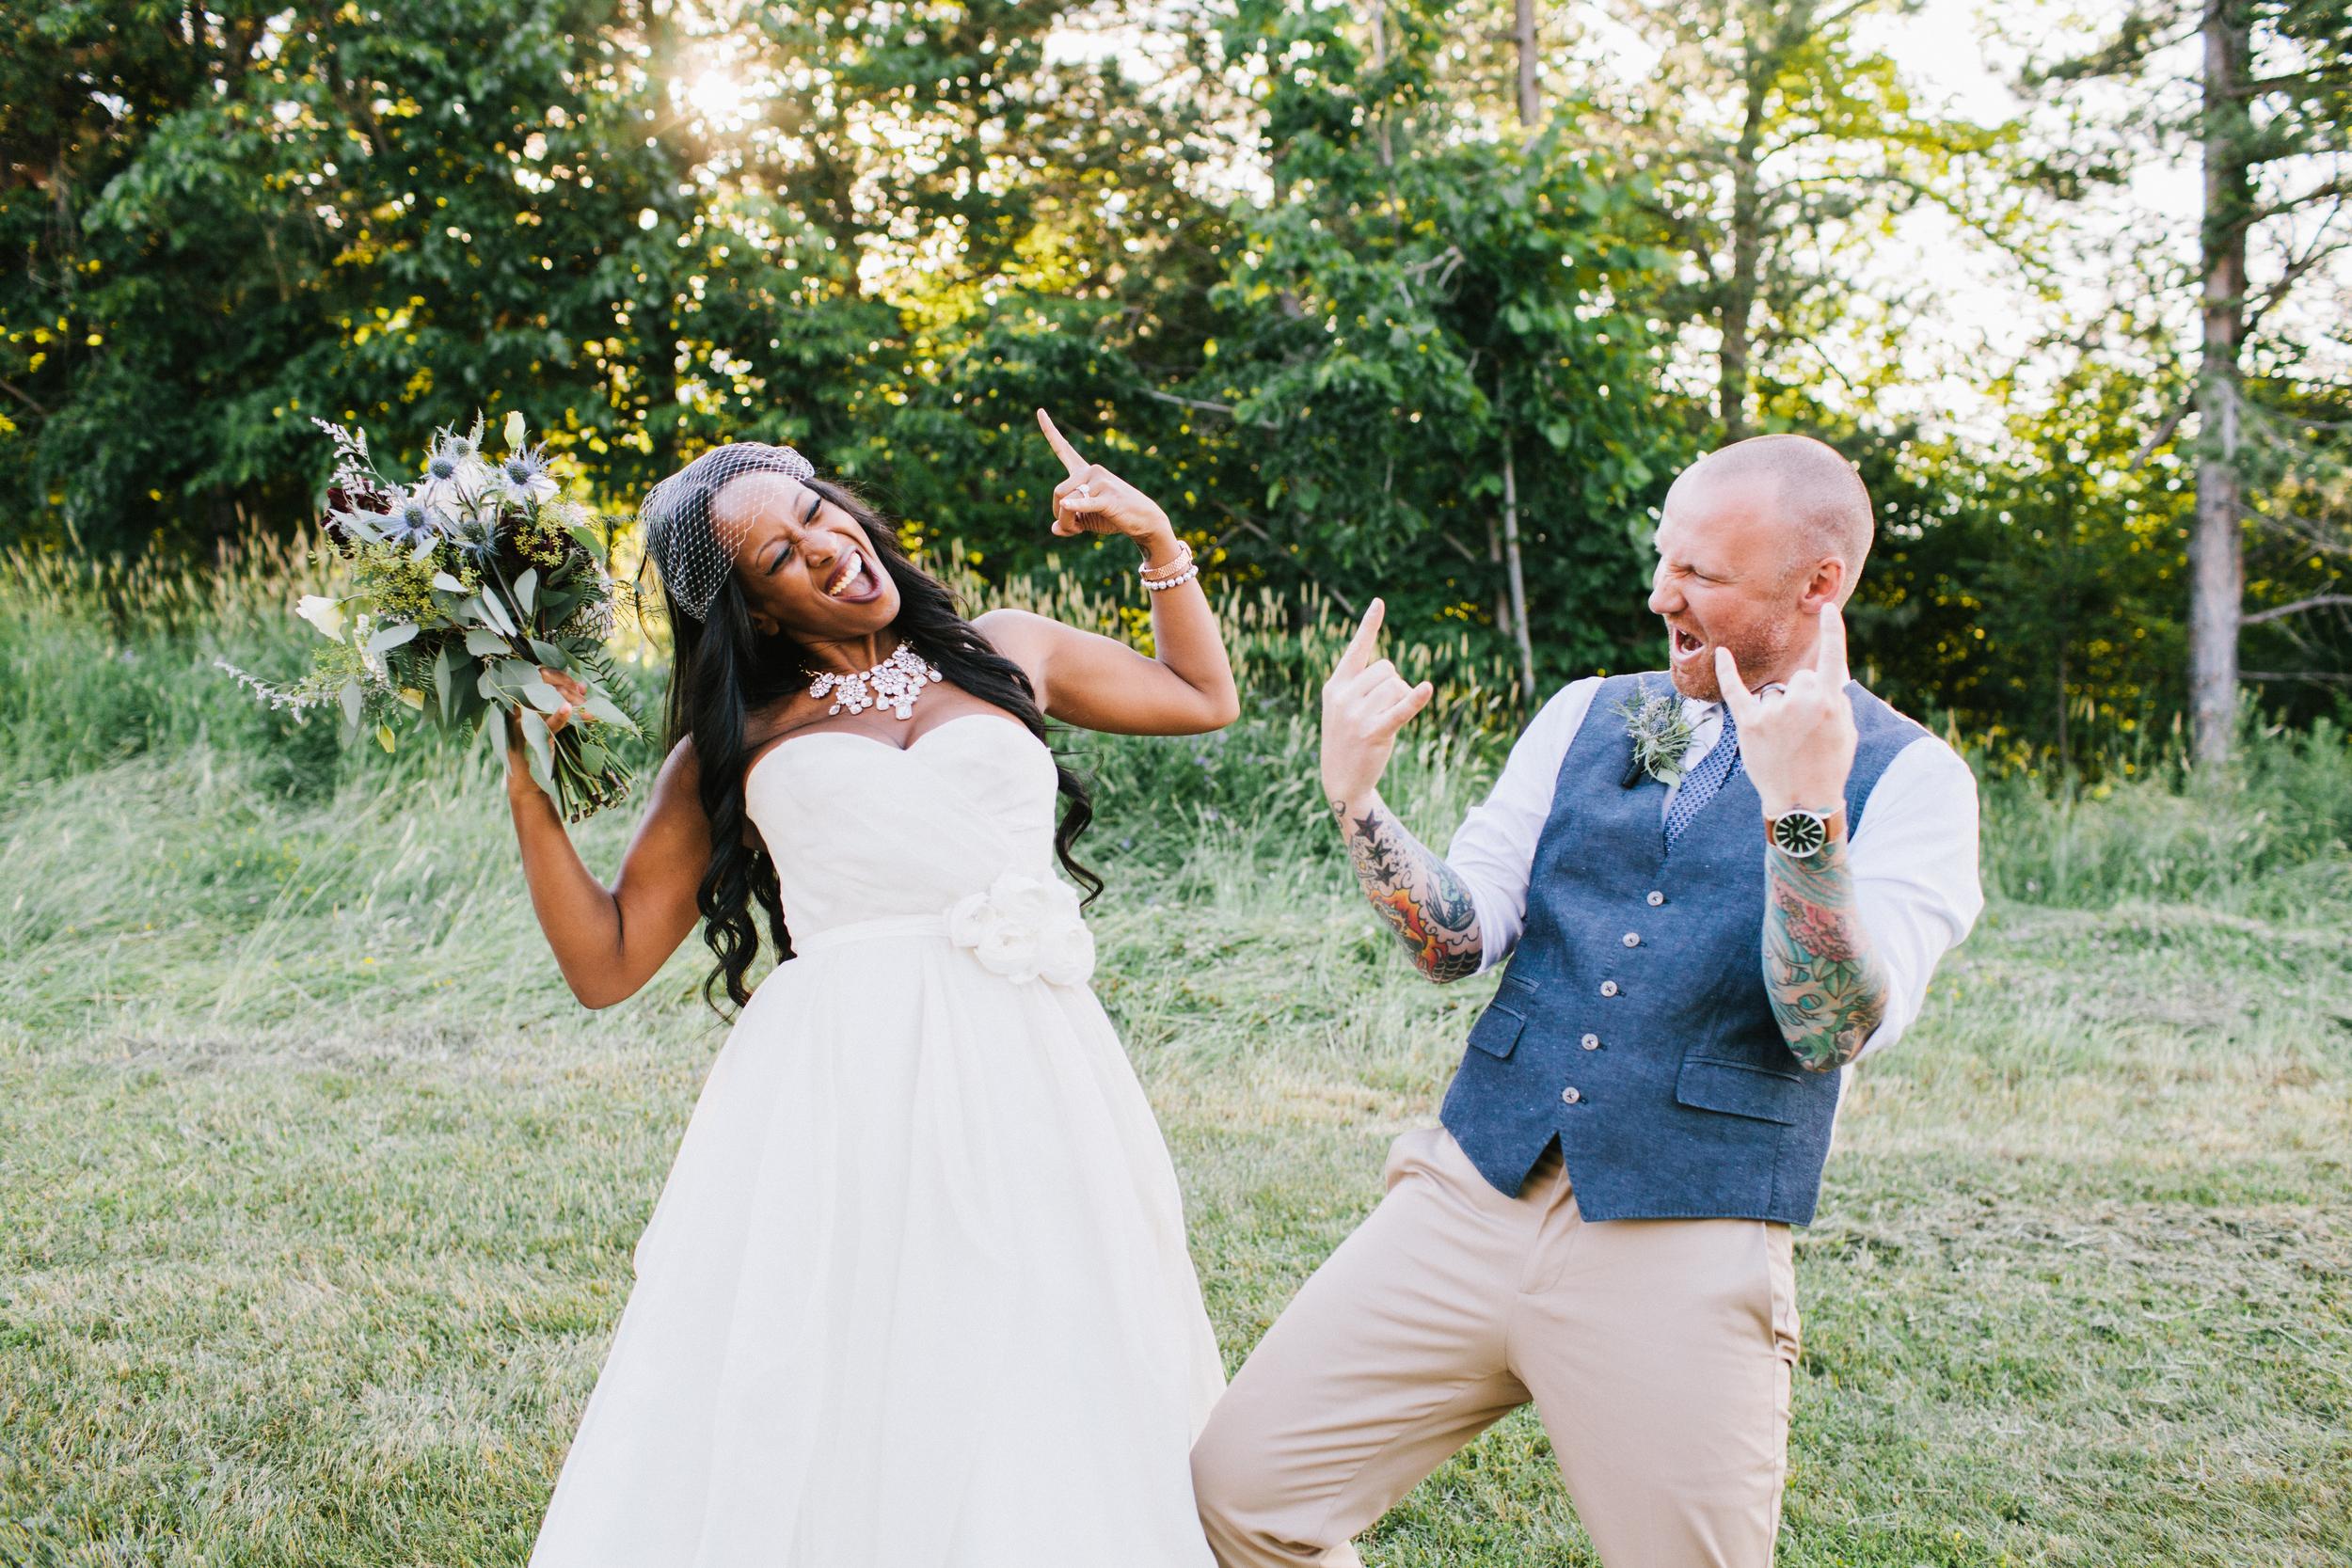 michael-rousseau-photography-shannae-ingleton-wedding-sean-craigleith-ski-club-wedding070.jpg